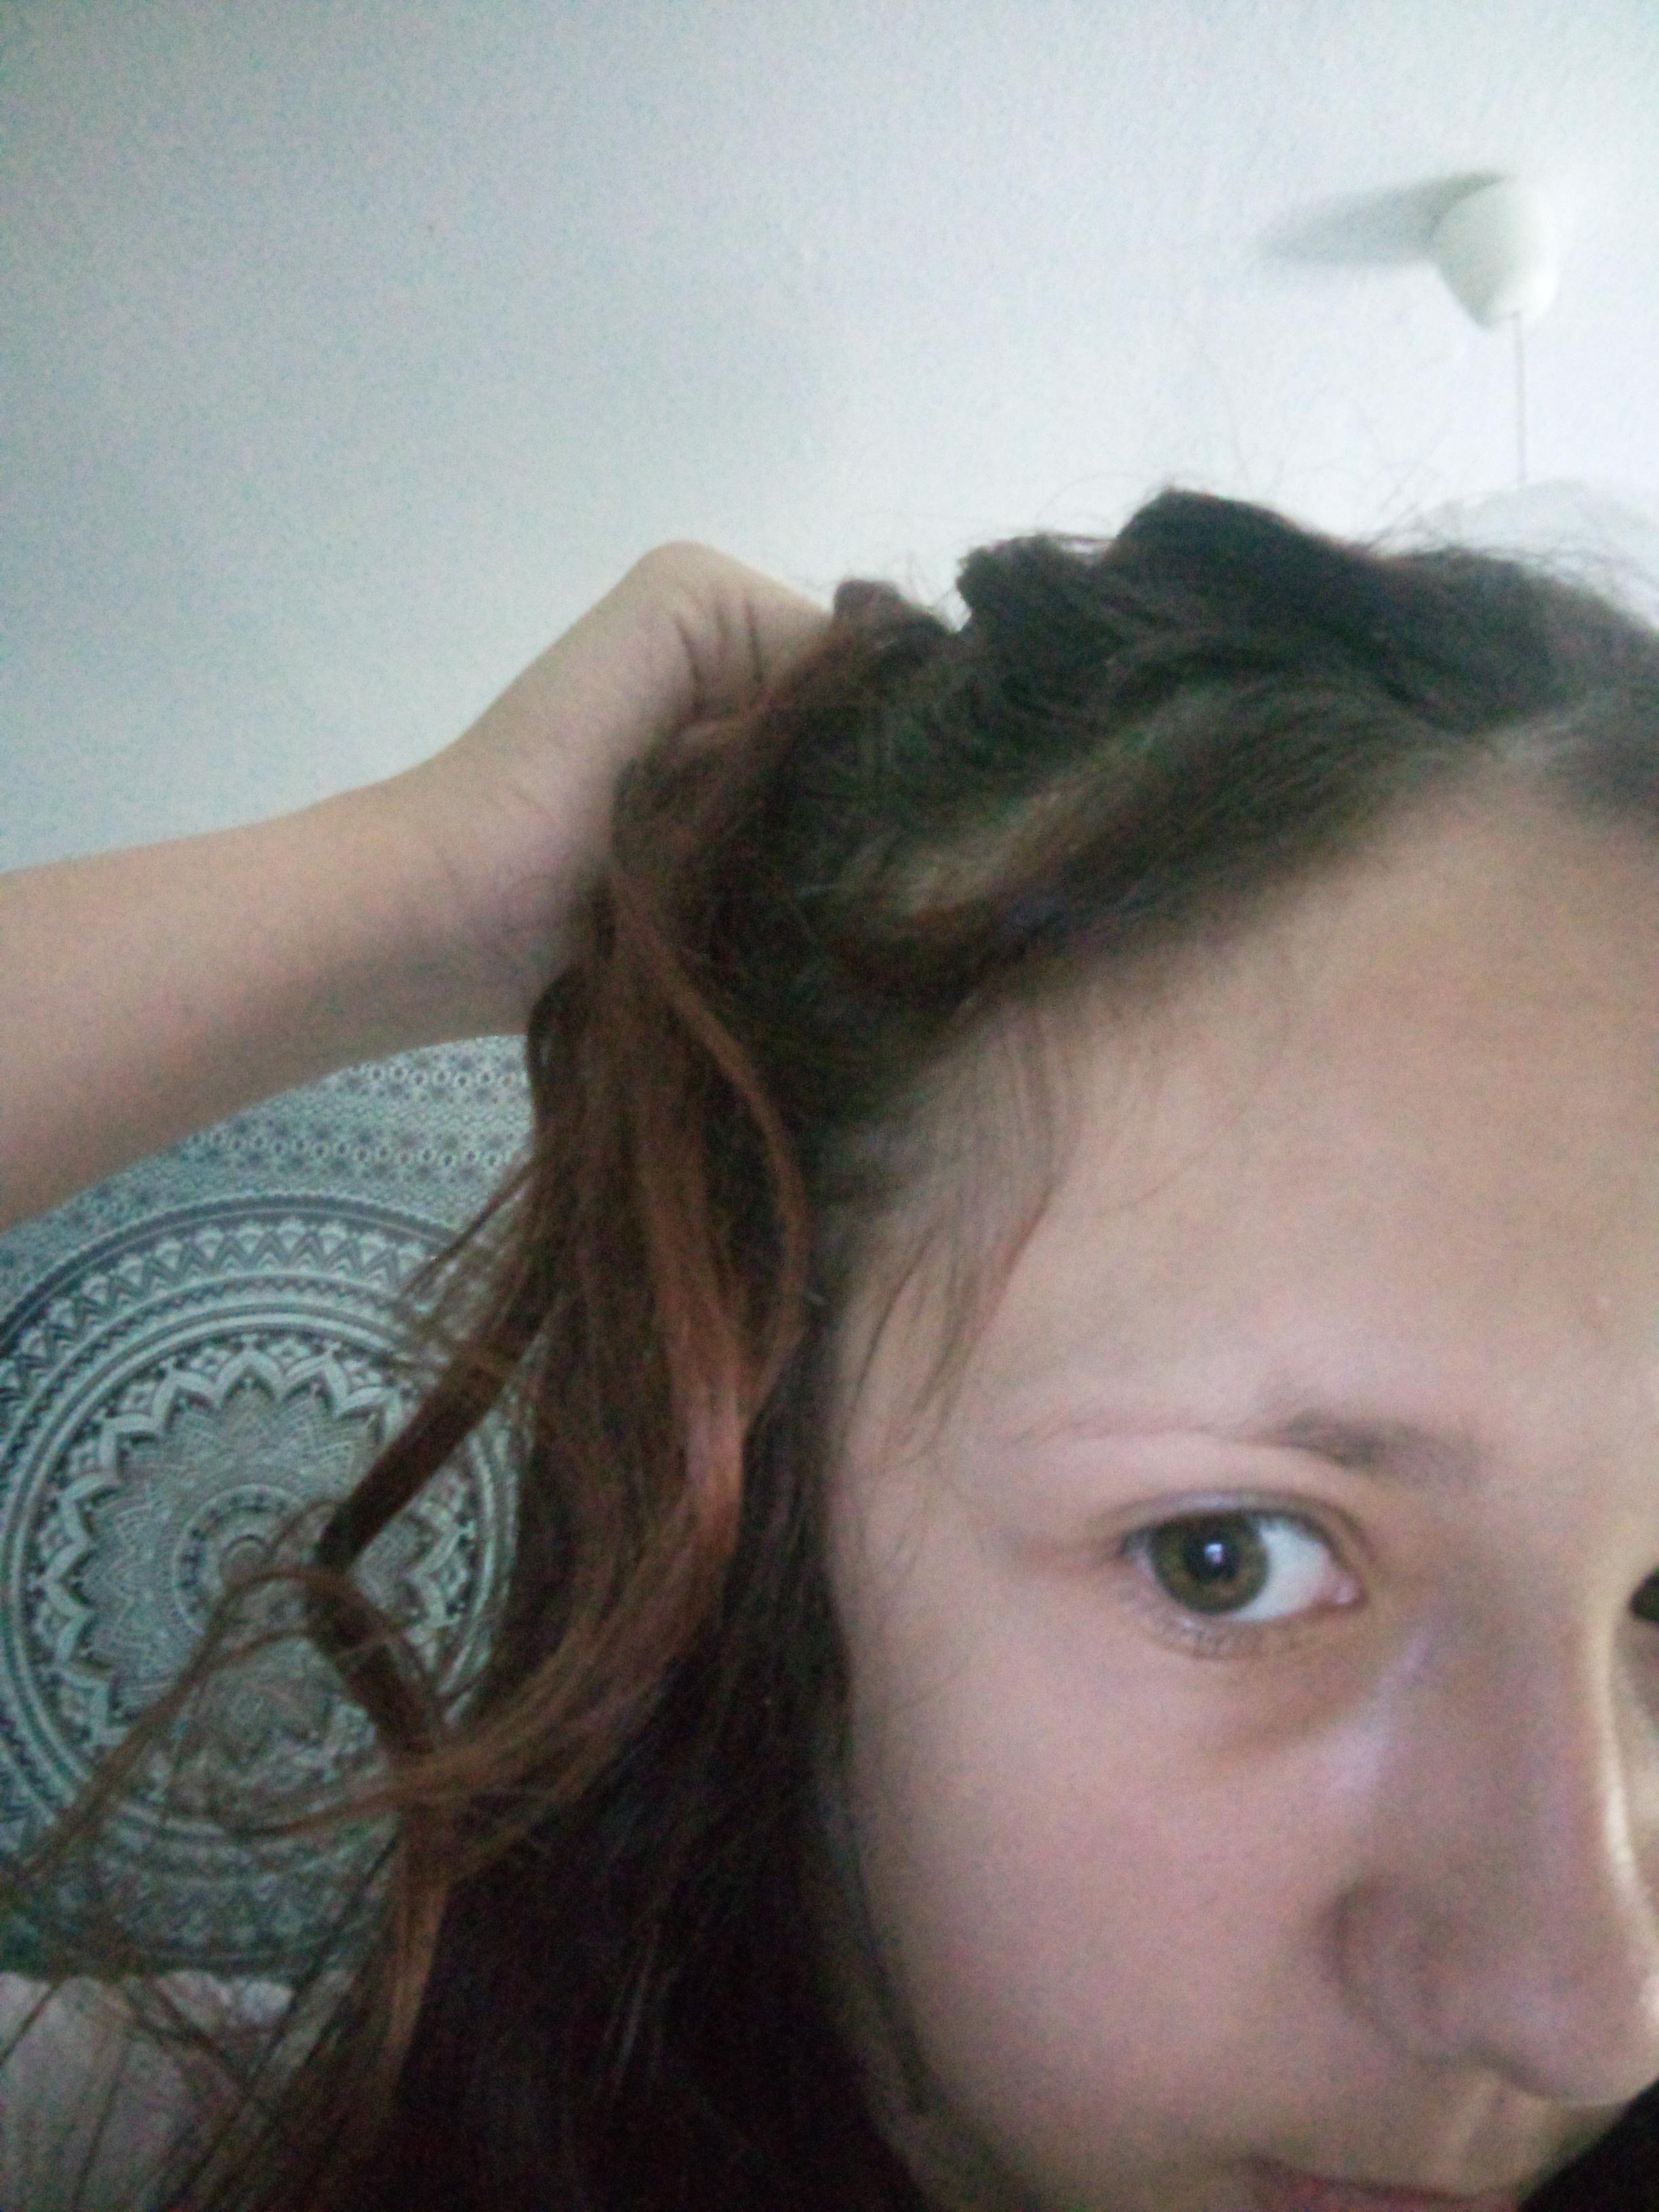 Haare wie soll ich mein zopf machen hab fussball? (Frisur)